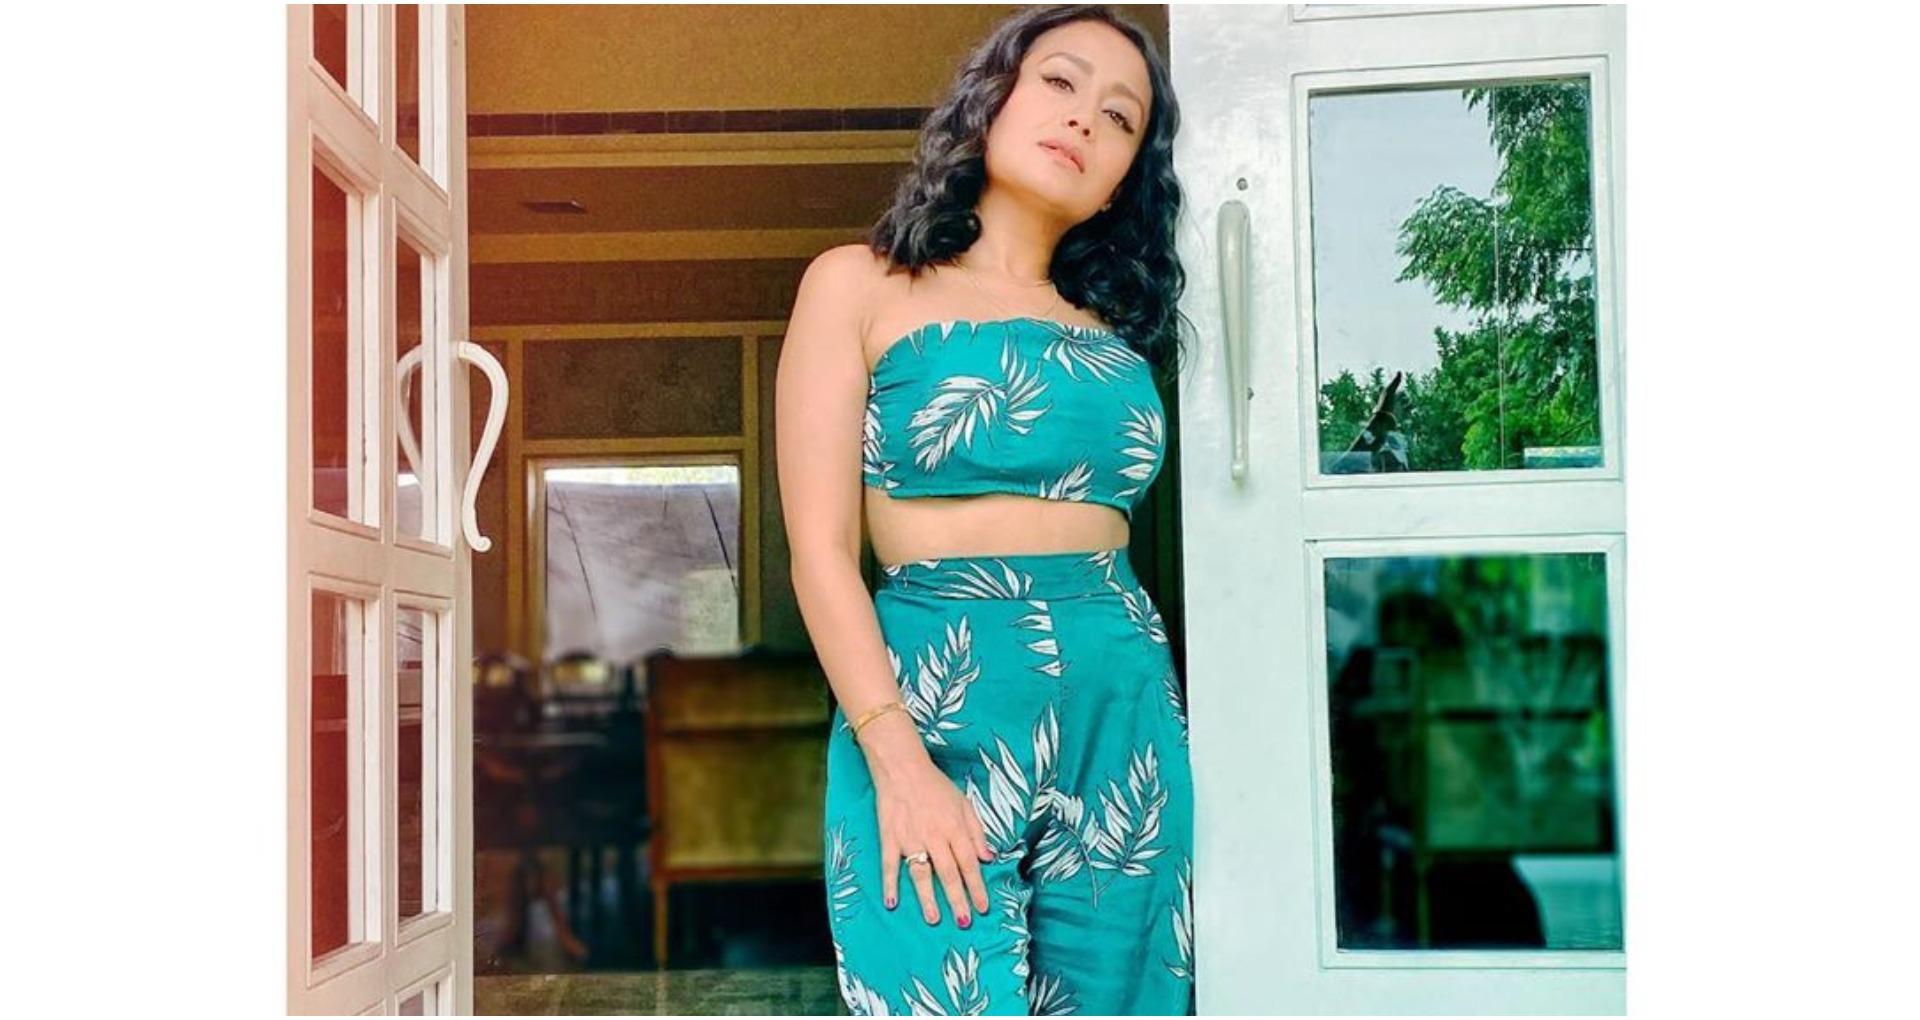 Neha Kakkar TikTok Video: नेहा कक्कड़ की टिकटॉक वीडियो ने मचाया धूम, तेजी से हो रहा है वायरल